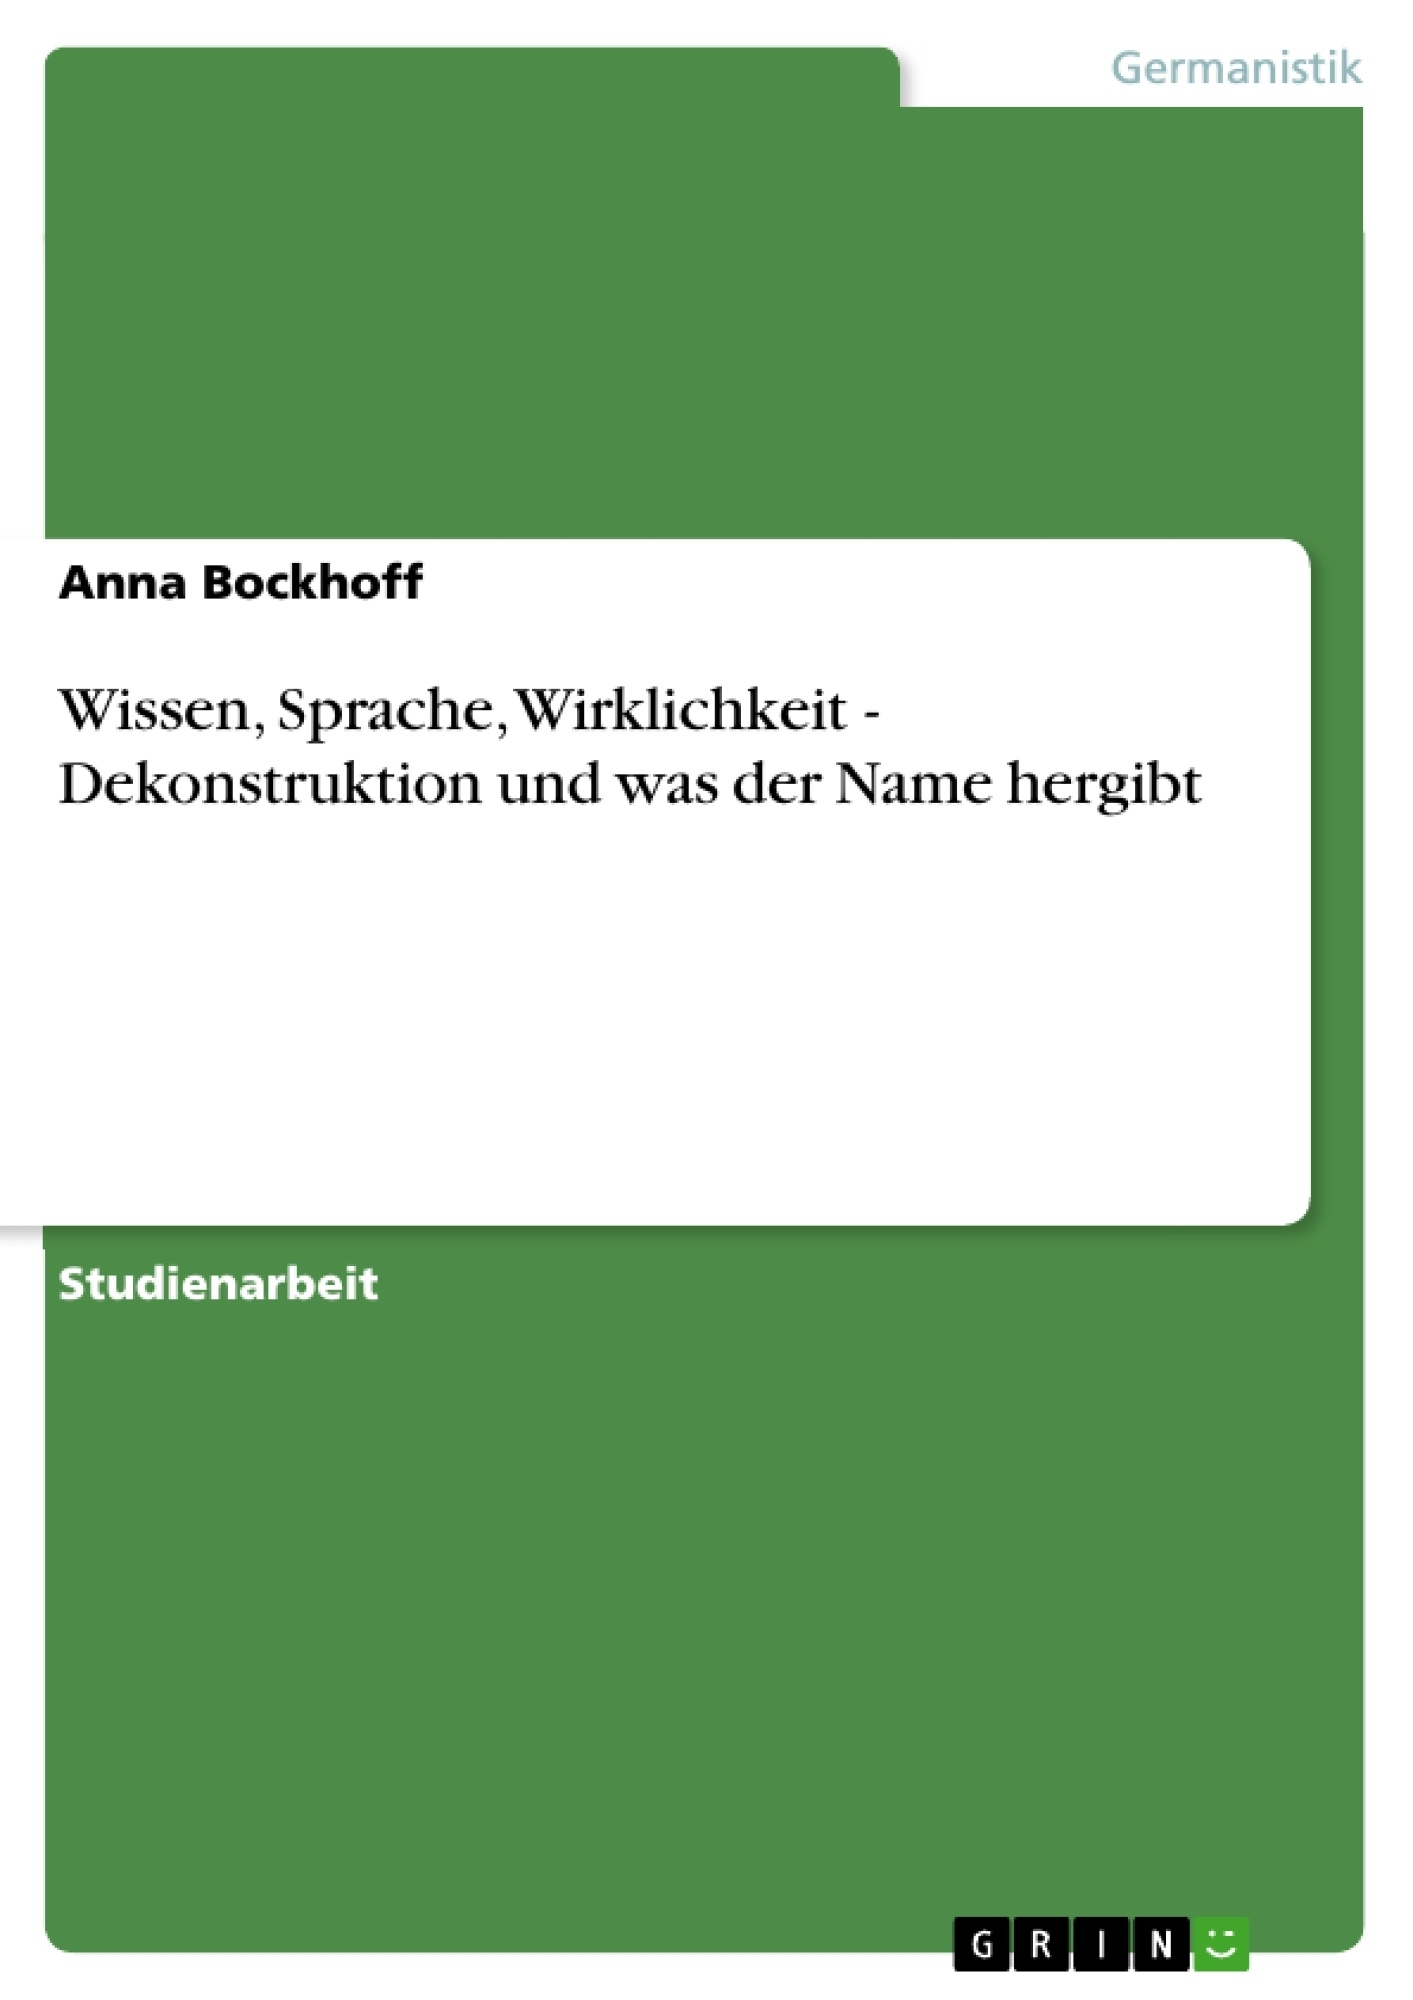 Titel: Wissen, Sprache, Wirklichkeit  - Dekonstruktion und was der Name hergibt